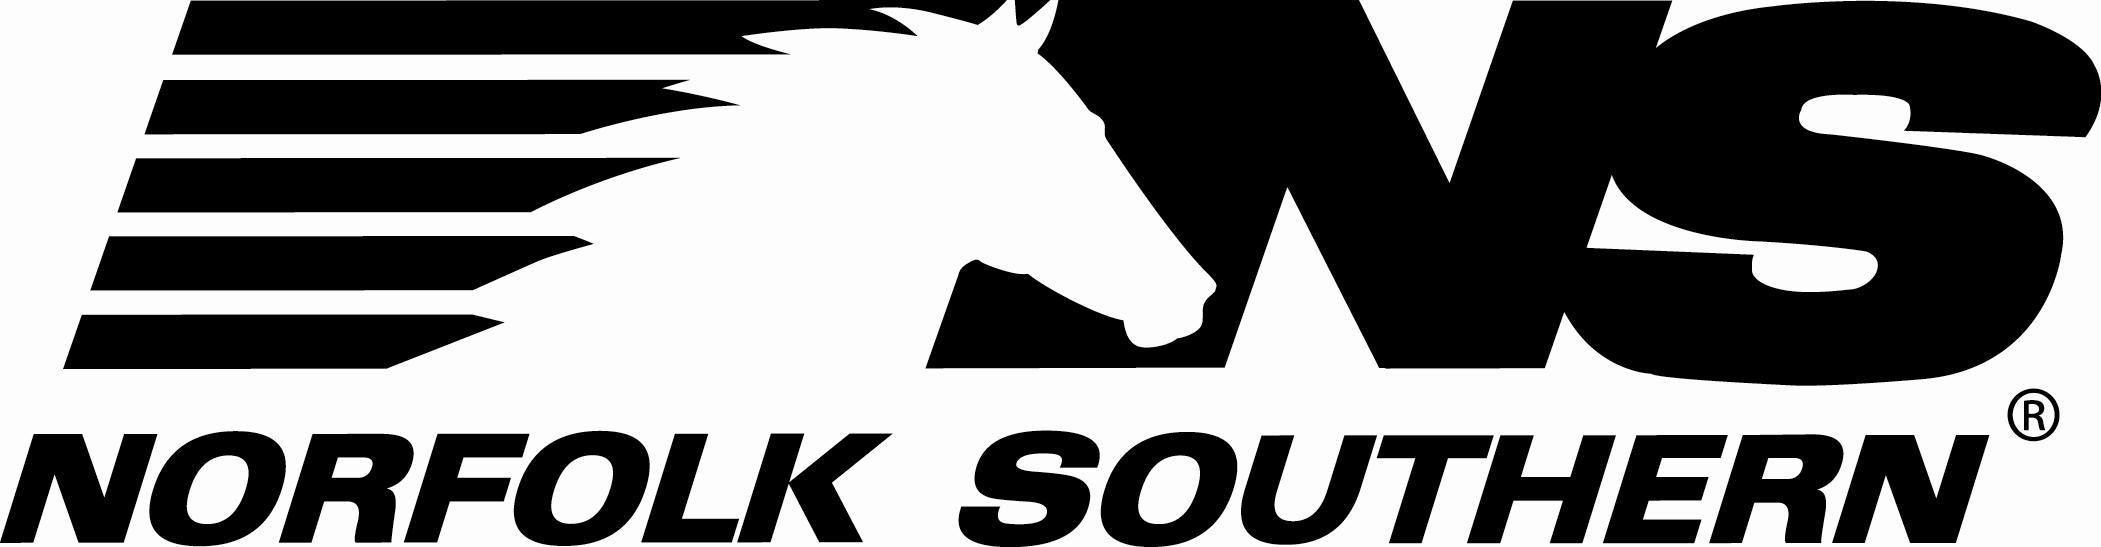 Norfolk Southern Railroad logo.